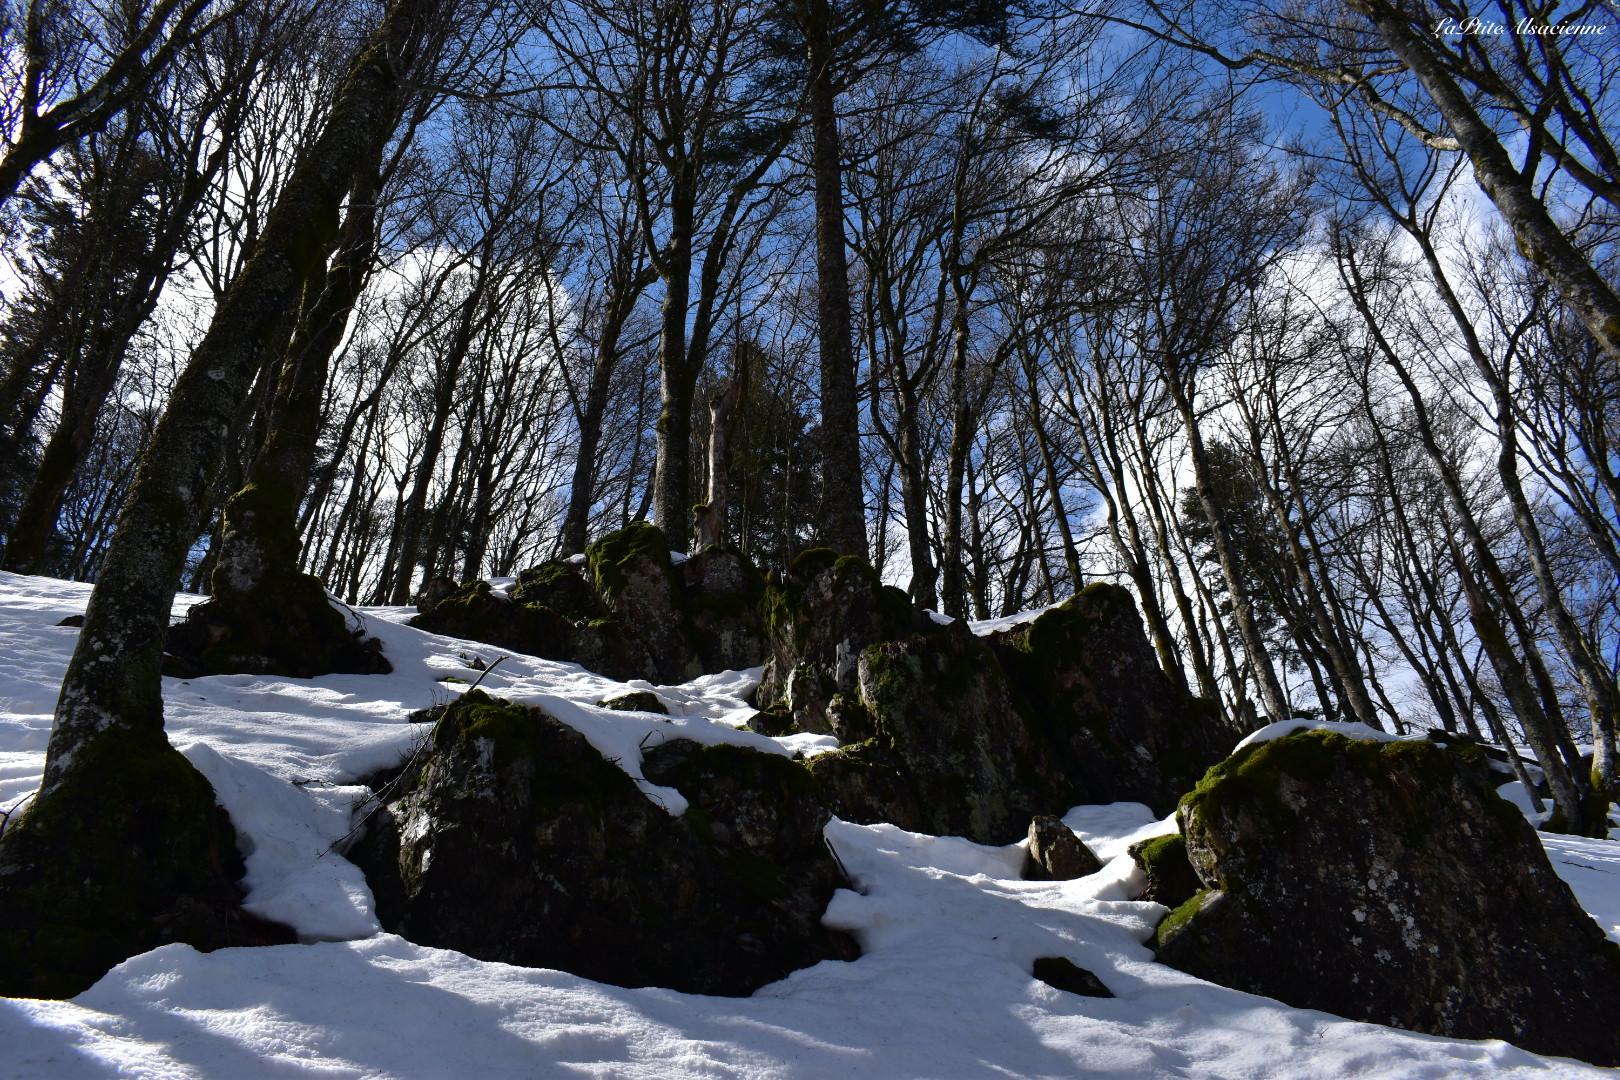 Sentier vers Rouge Gazon avec vu sur les rochers et paysage enneigé